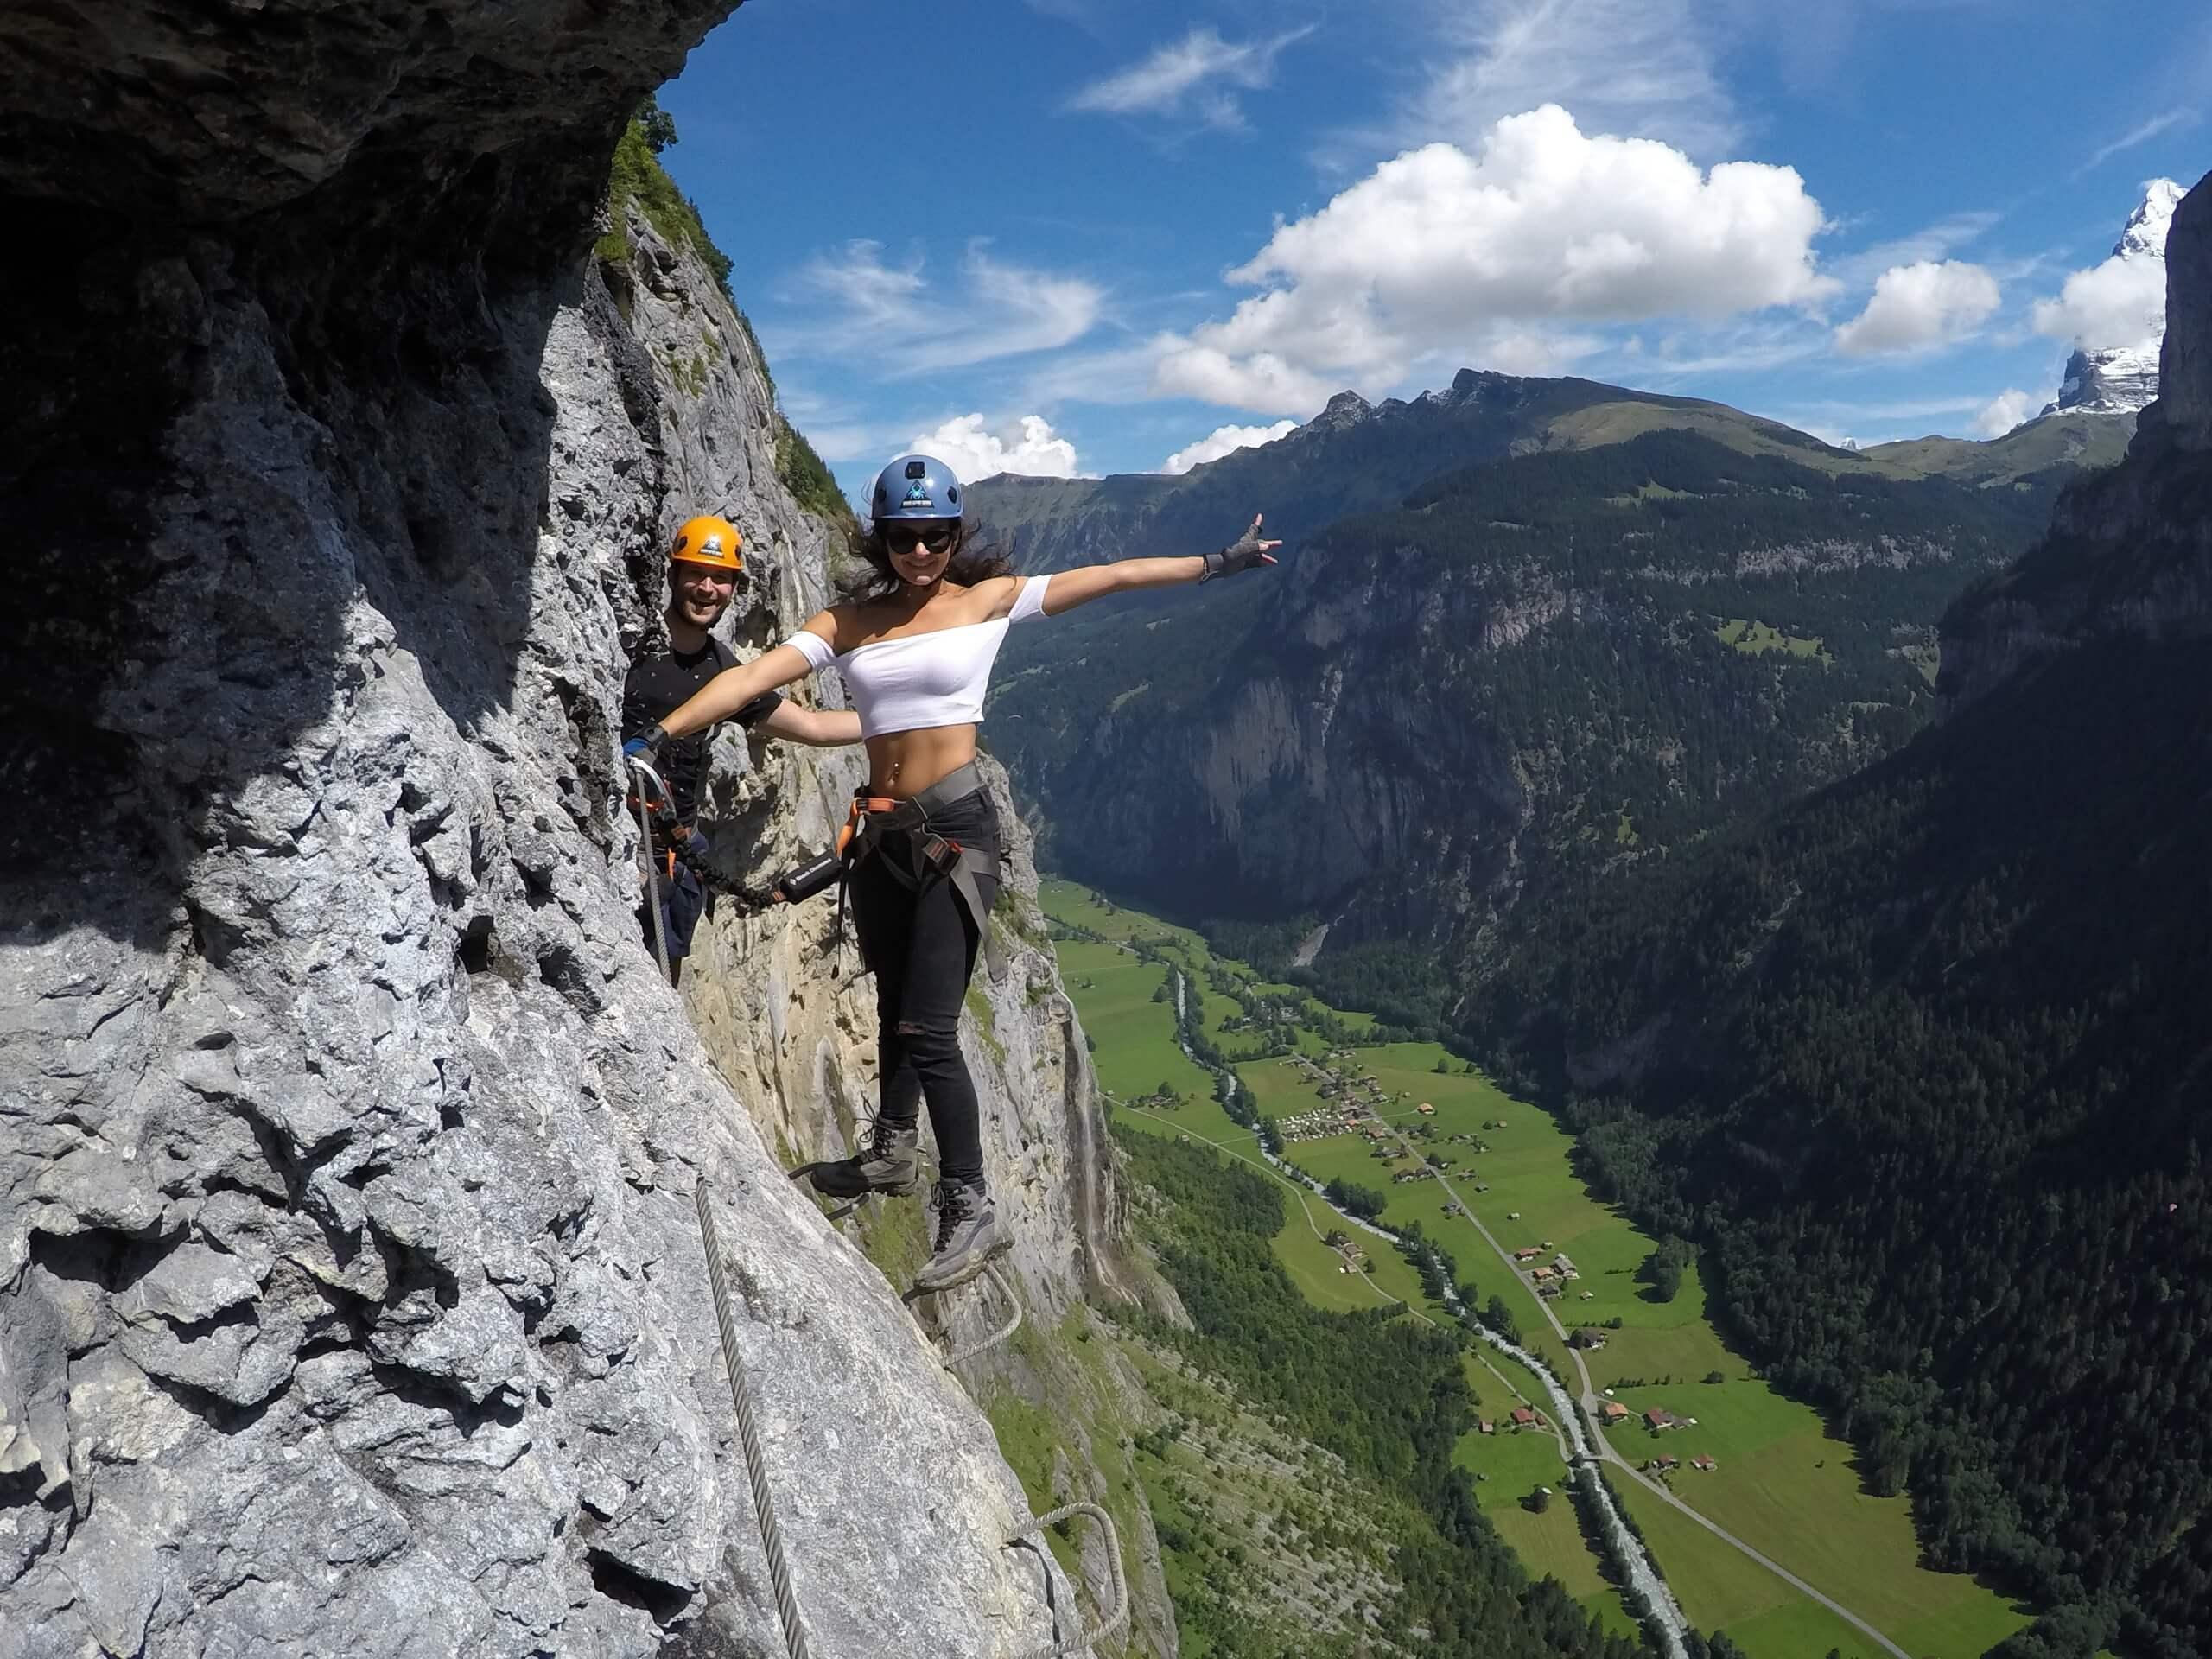 swiss-alpine-guides-via-ferrata-klettern-sommer